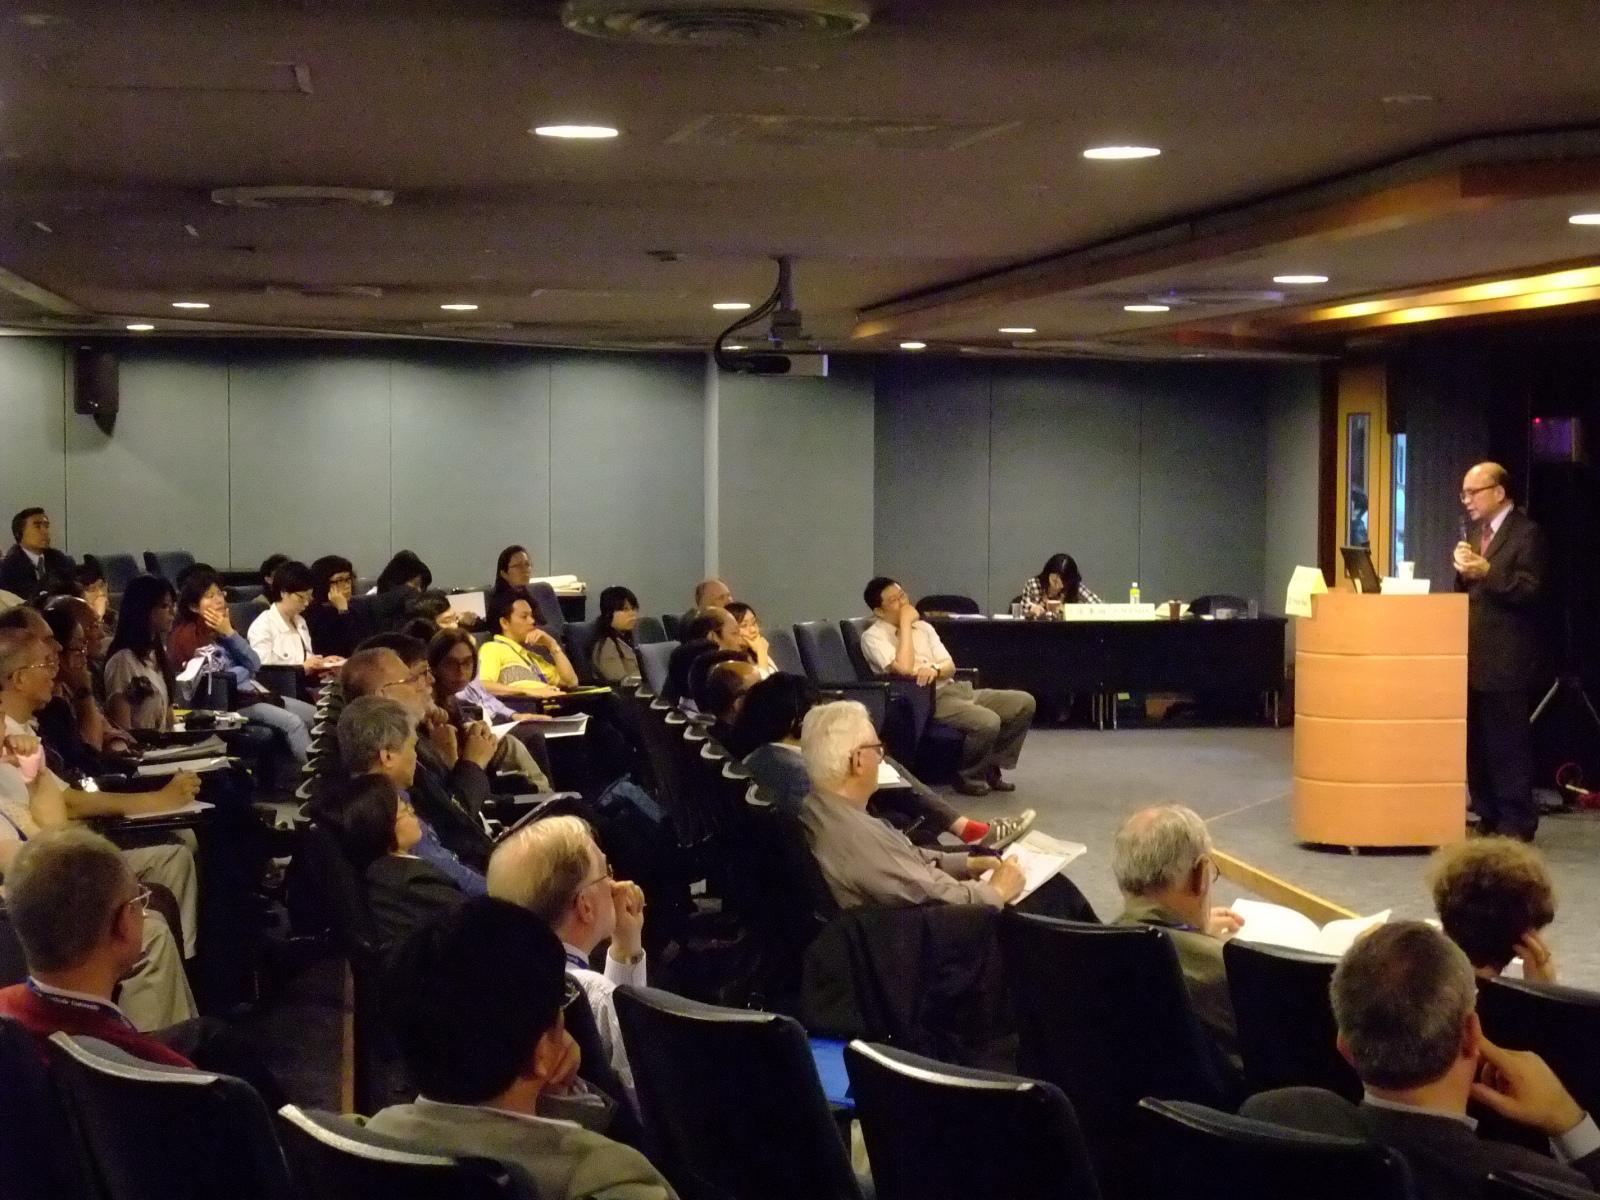 201004紀念利瑪竇逝世四百週年國際學術研討會-26